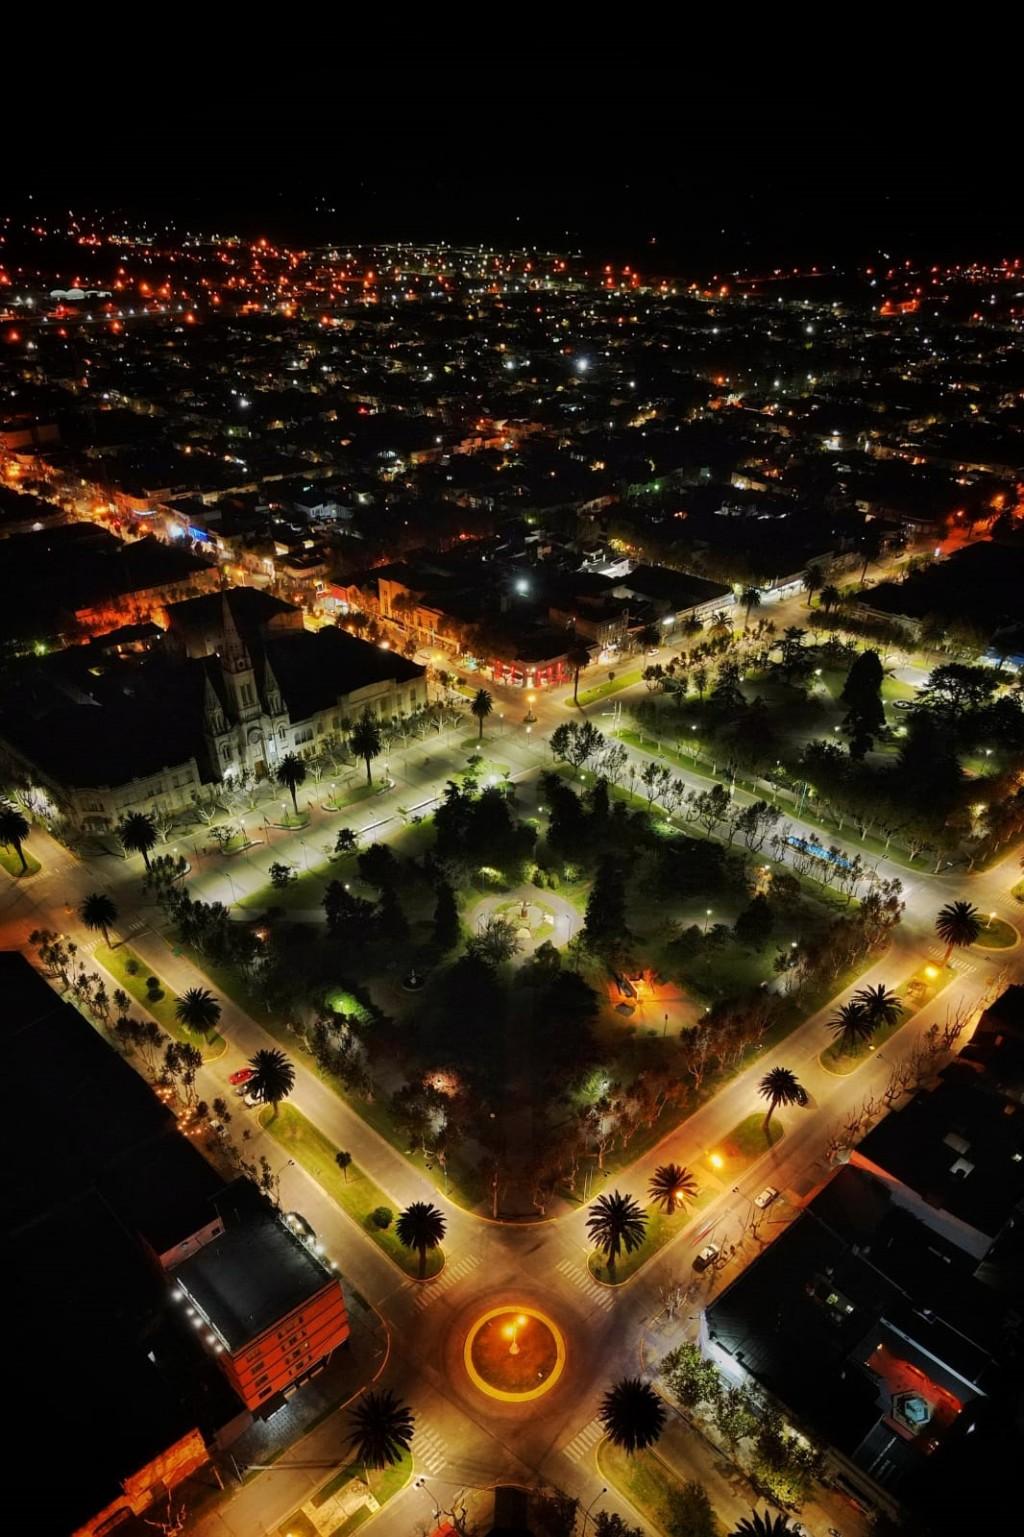 Extendieron el horario nocturno para esparcimiento en Bolívar